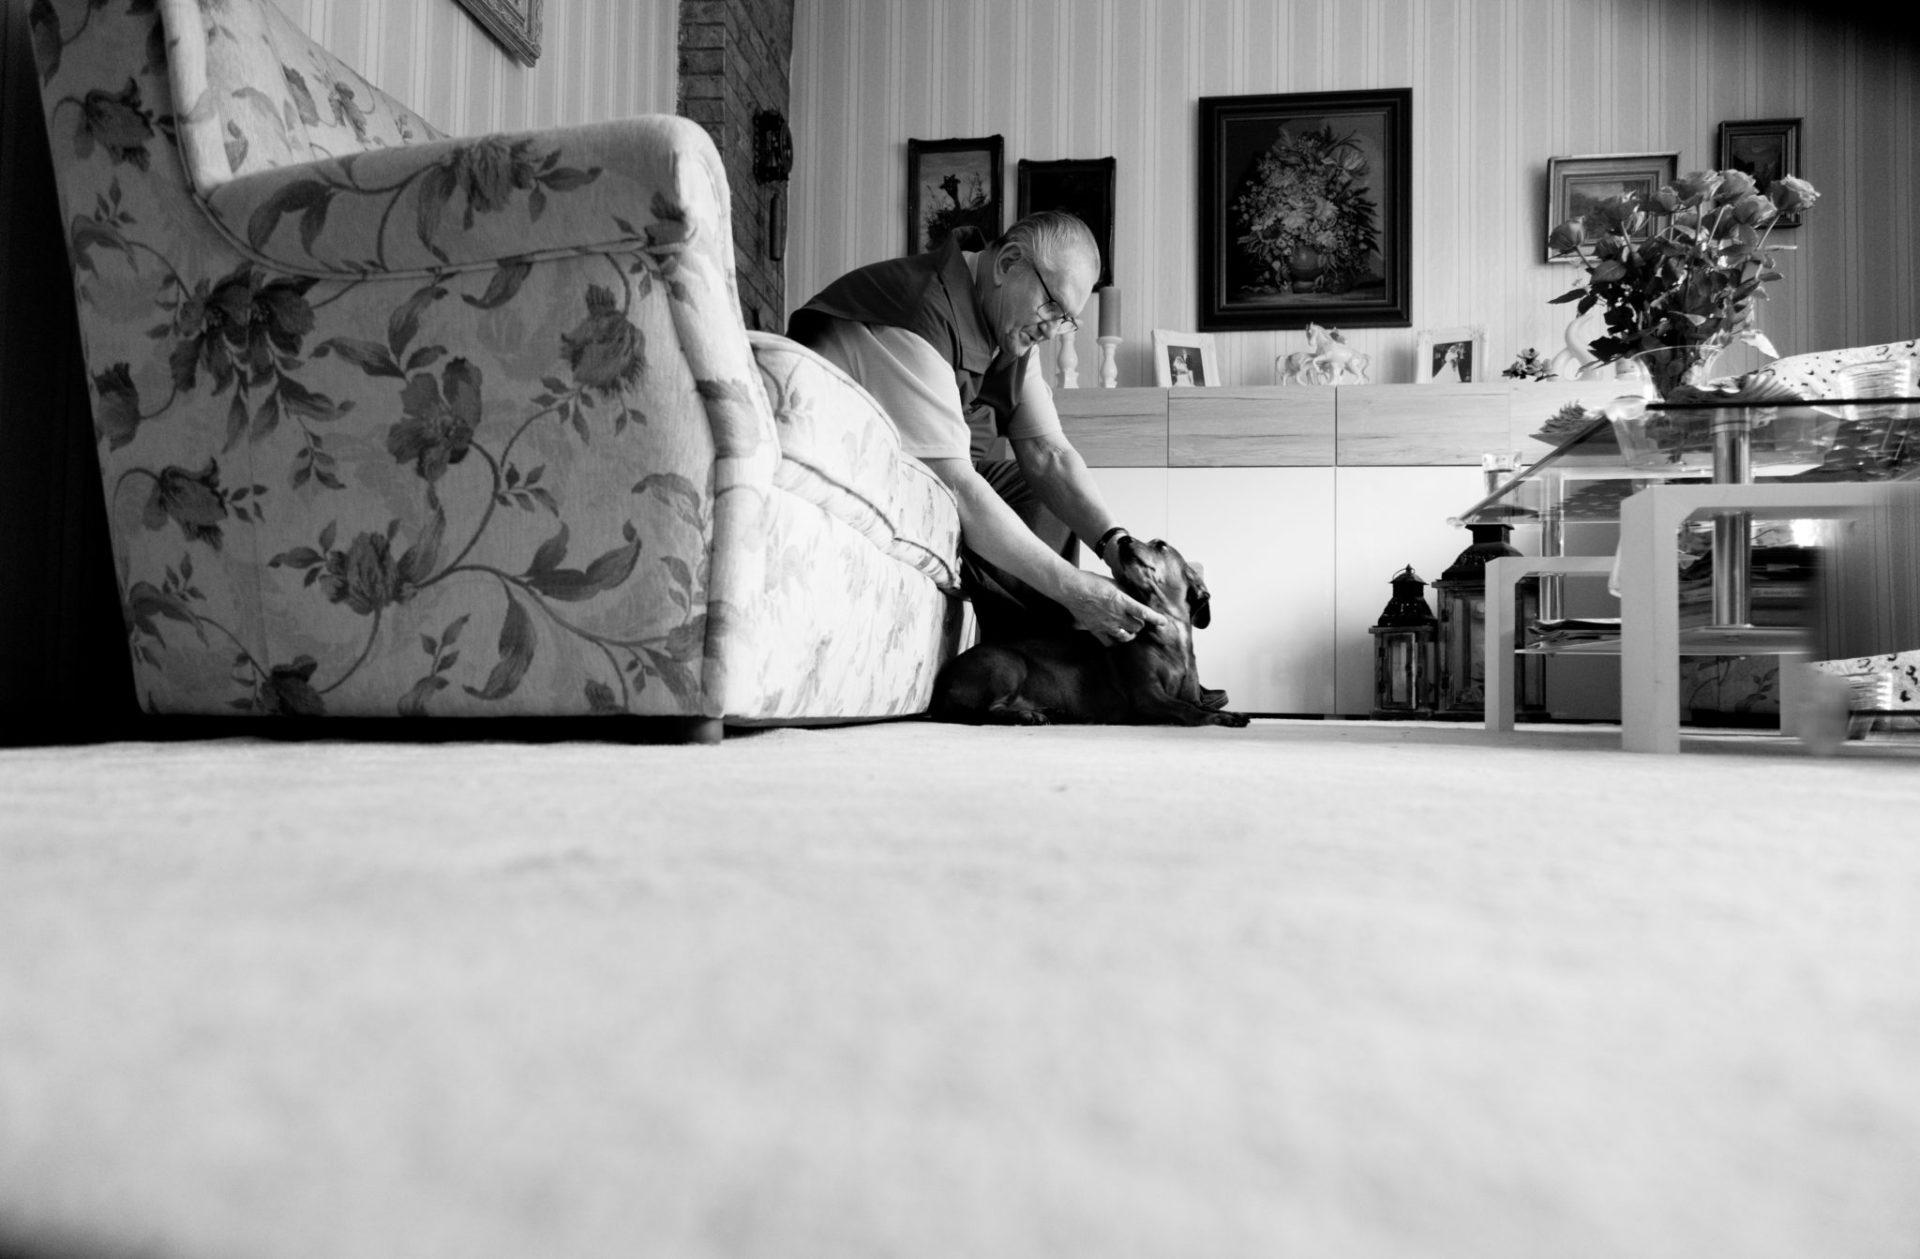 Oma und Opas Herzbilder. Fotoreportage über die Liebe. Authentic Love. Fotoreportage über die Liebe. Wie Oma und Opa sich kennengelernt haben, was sie erlebt haben und was ihre Liebe so beständig macht.